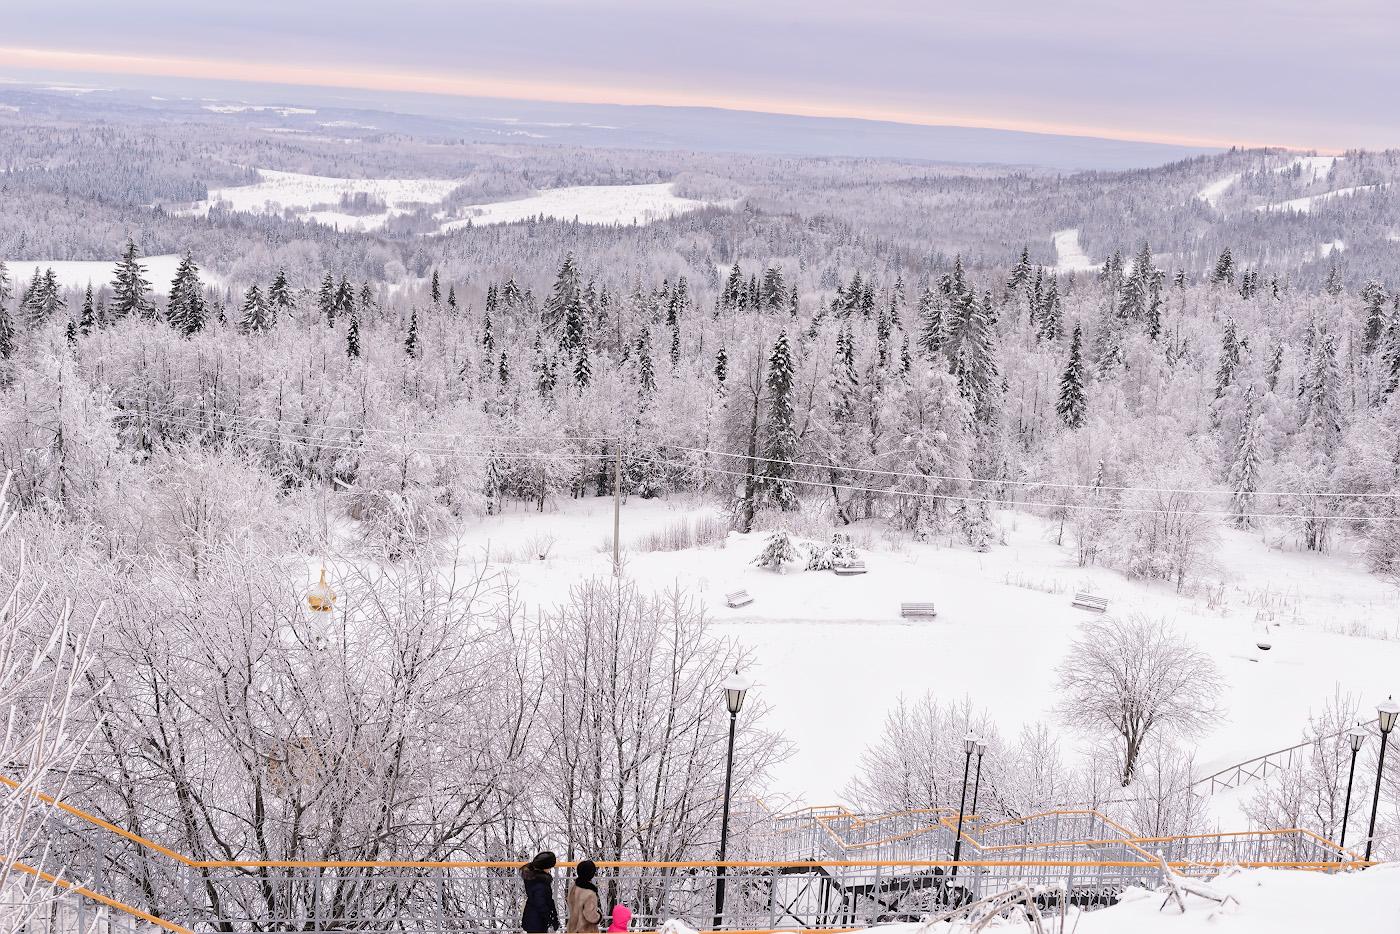 Фото 21. Вид на купель Святого Николая Чудотворца в Белогорском монастыре. 1/100, +1.33, 8.0, 560, 48.